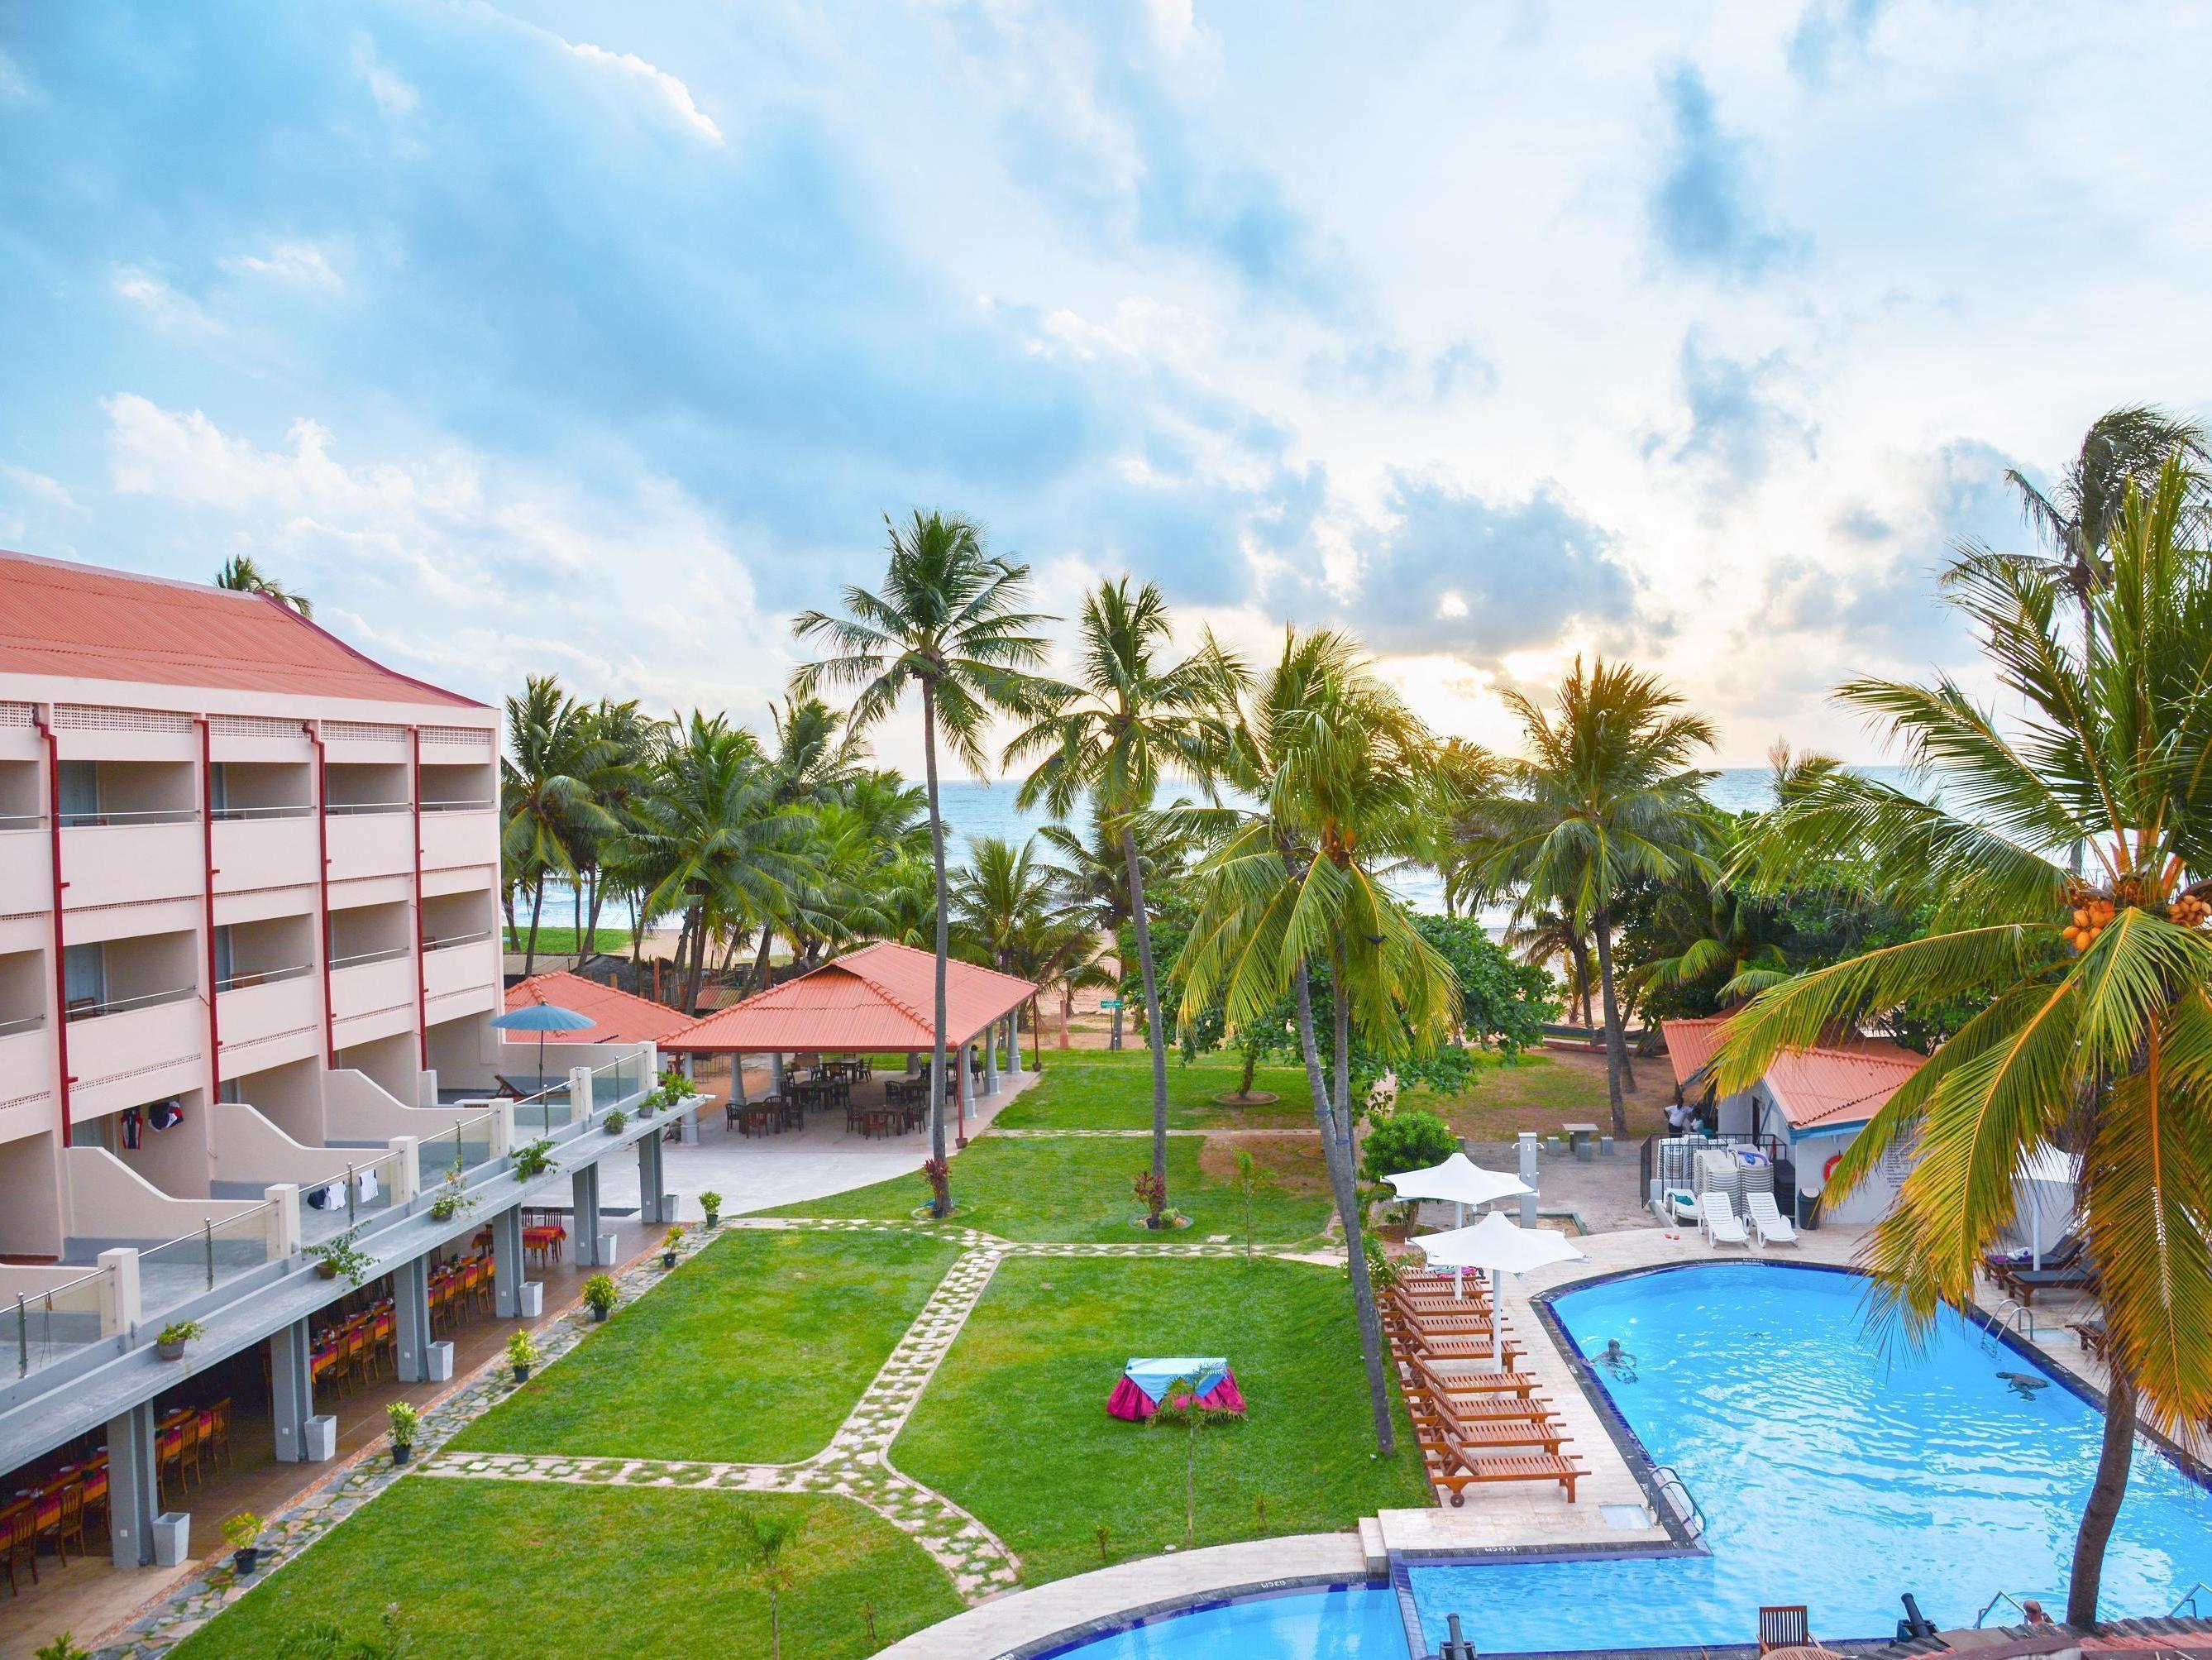 Negombo Paradise Beach Hotel Sri Lanka, Asia Paradise Beach Hotel is ...